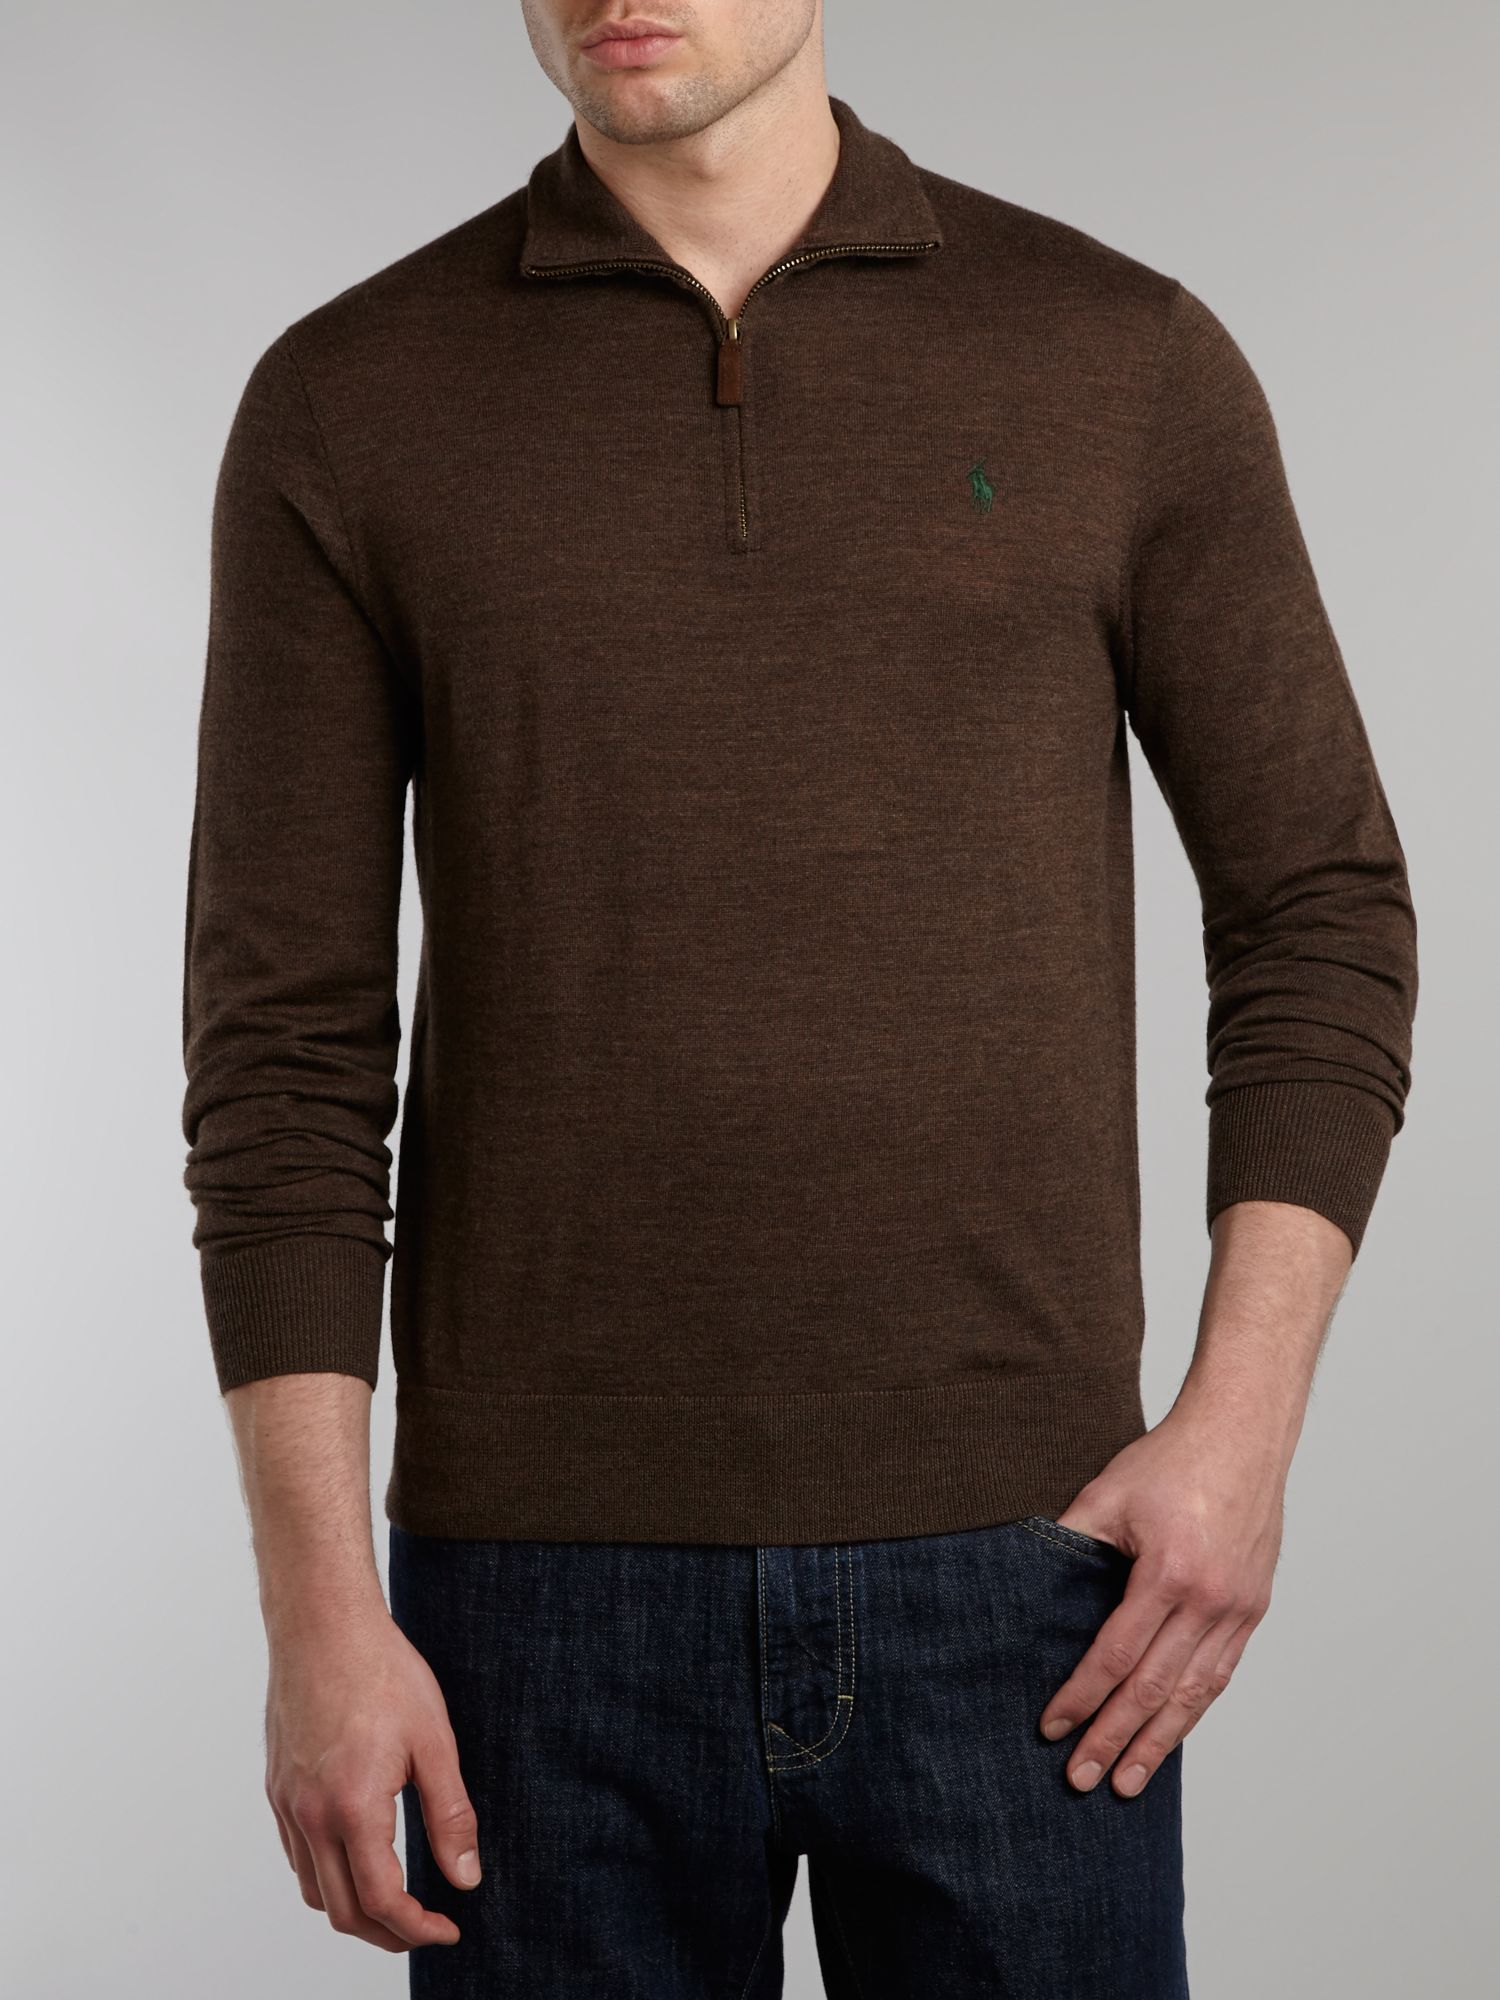 Merino Wool Mens Shirts